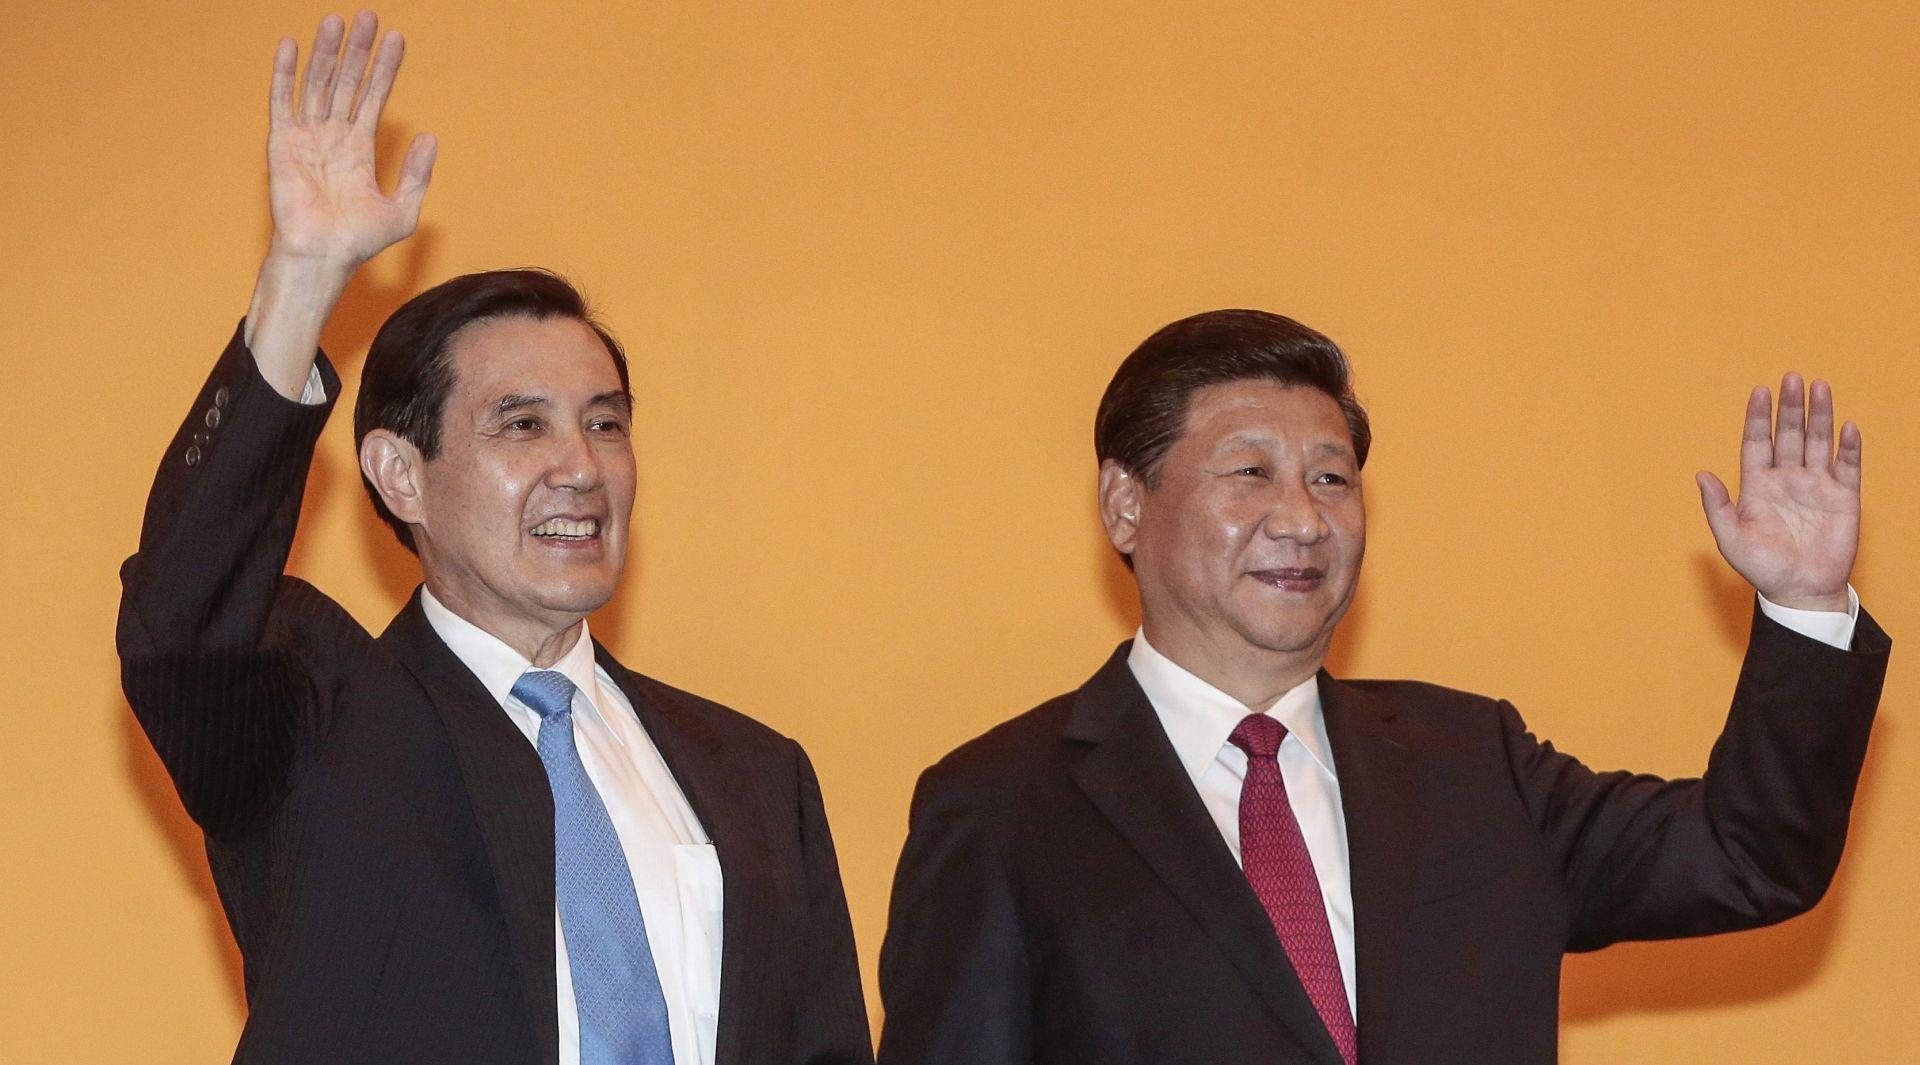 NAKON 66 GODINA NAPETOSTI: Povijesni susret čelnika Kine i Tajvana